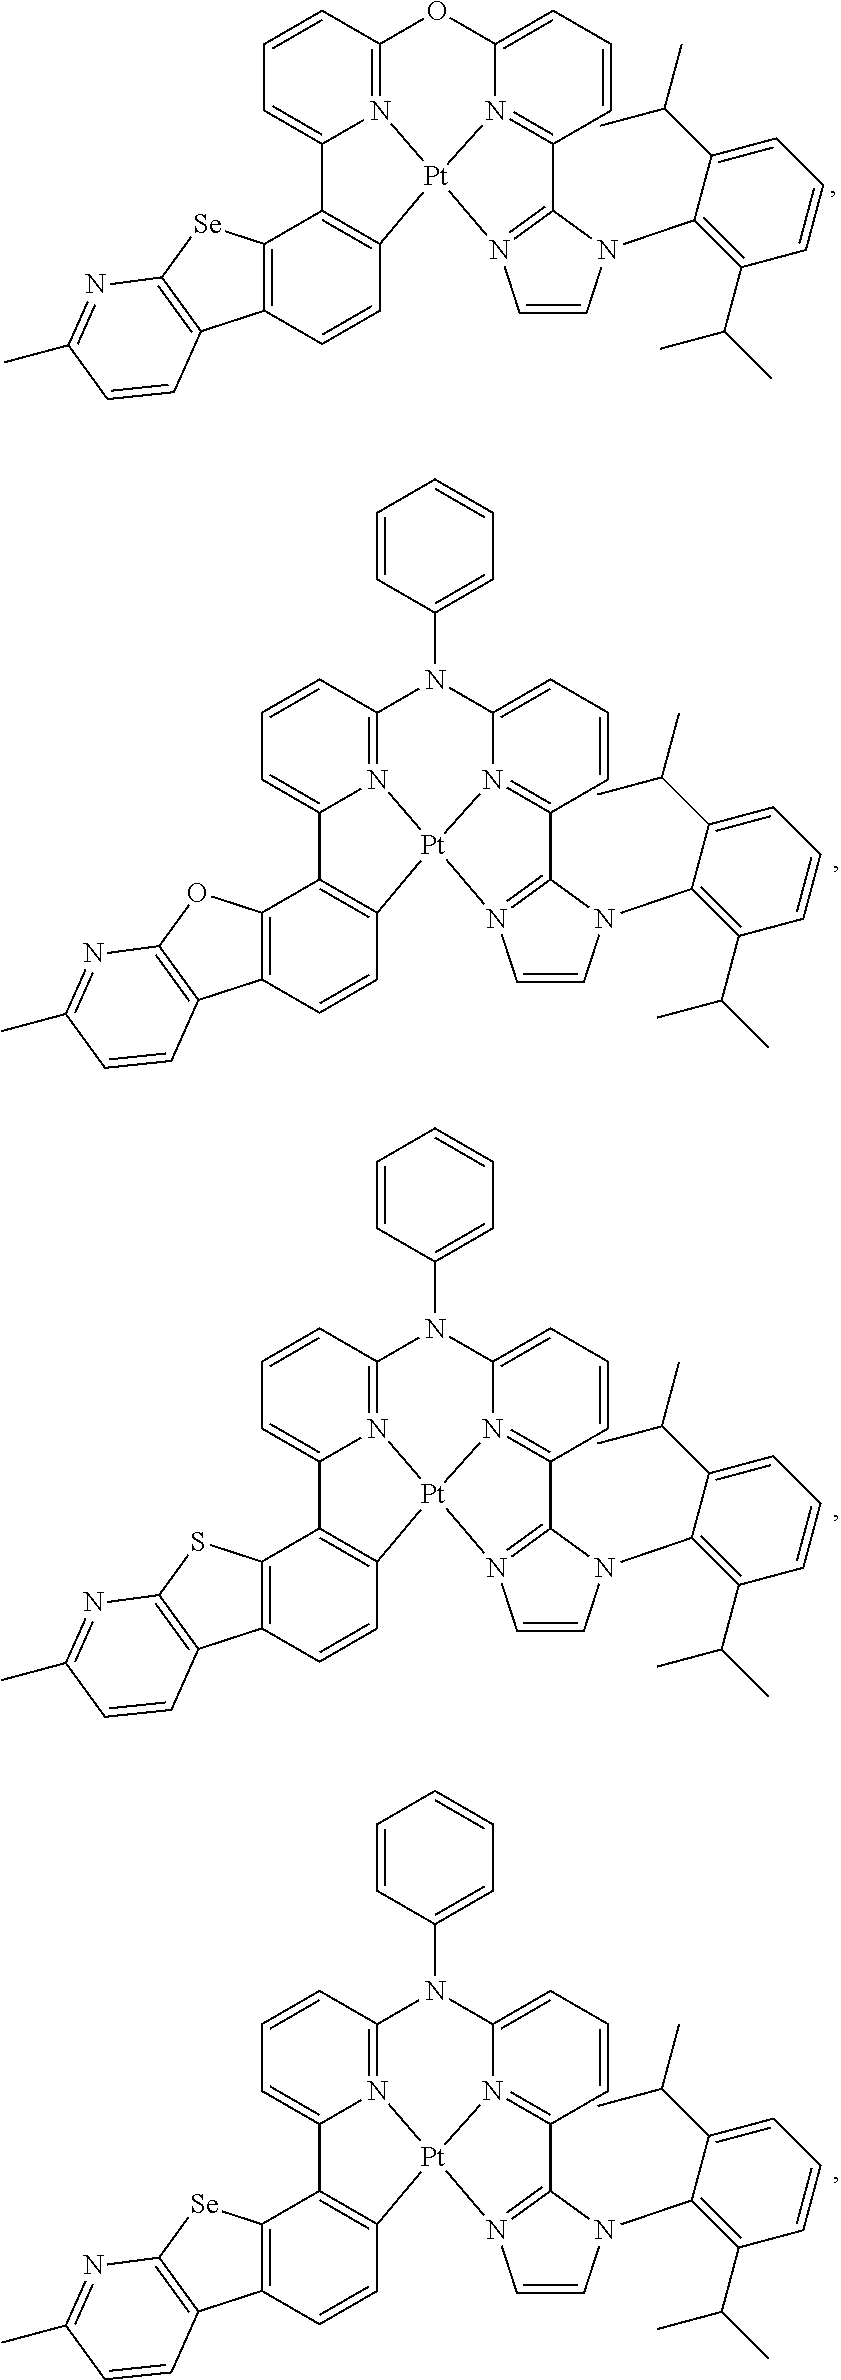 Figure US09871214-20180116-C00279